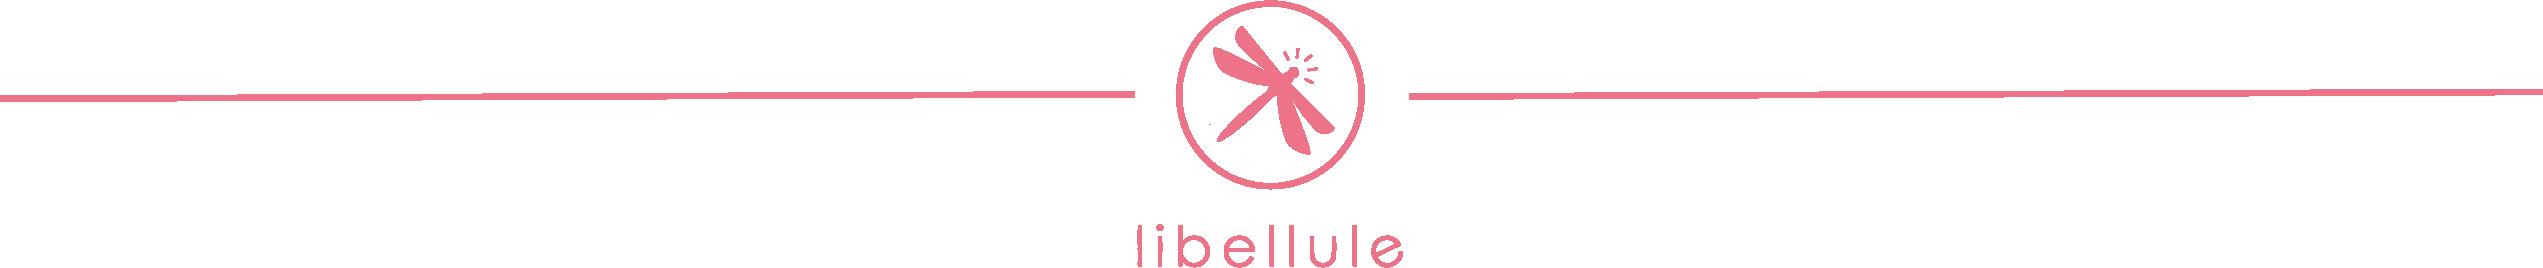 logo-en-tête-libellule